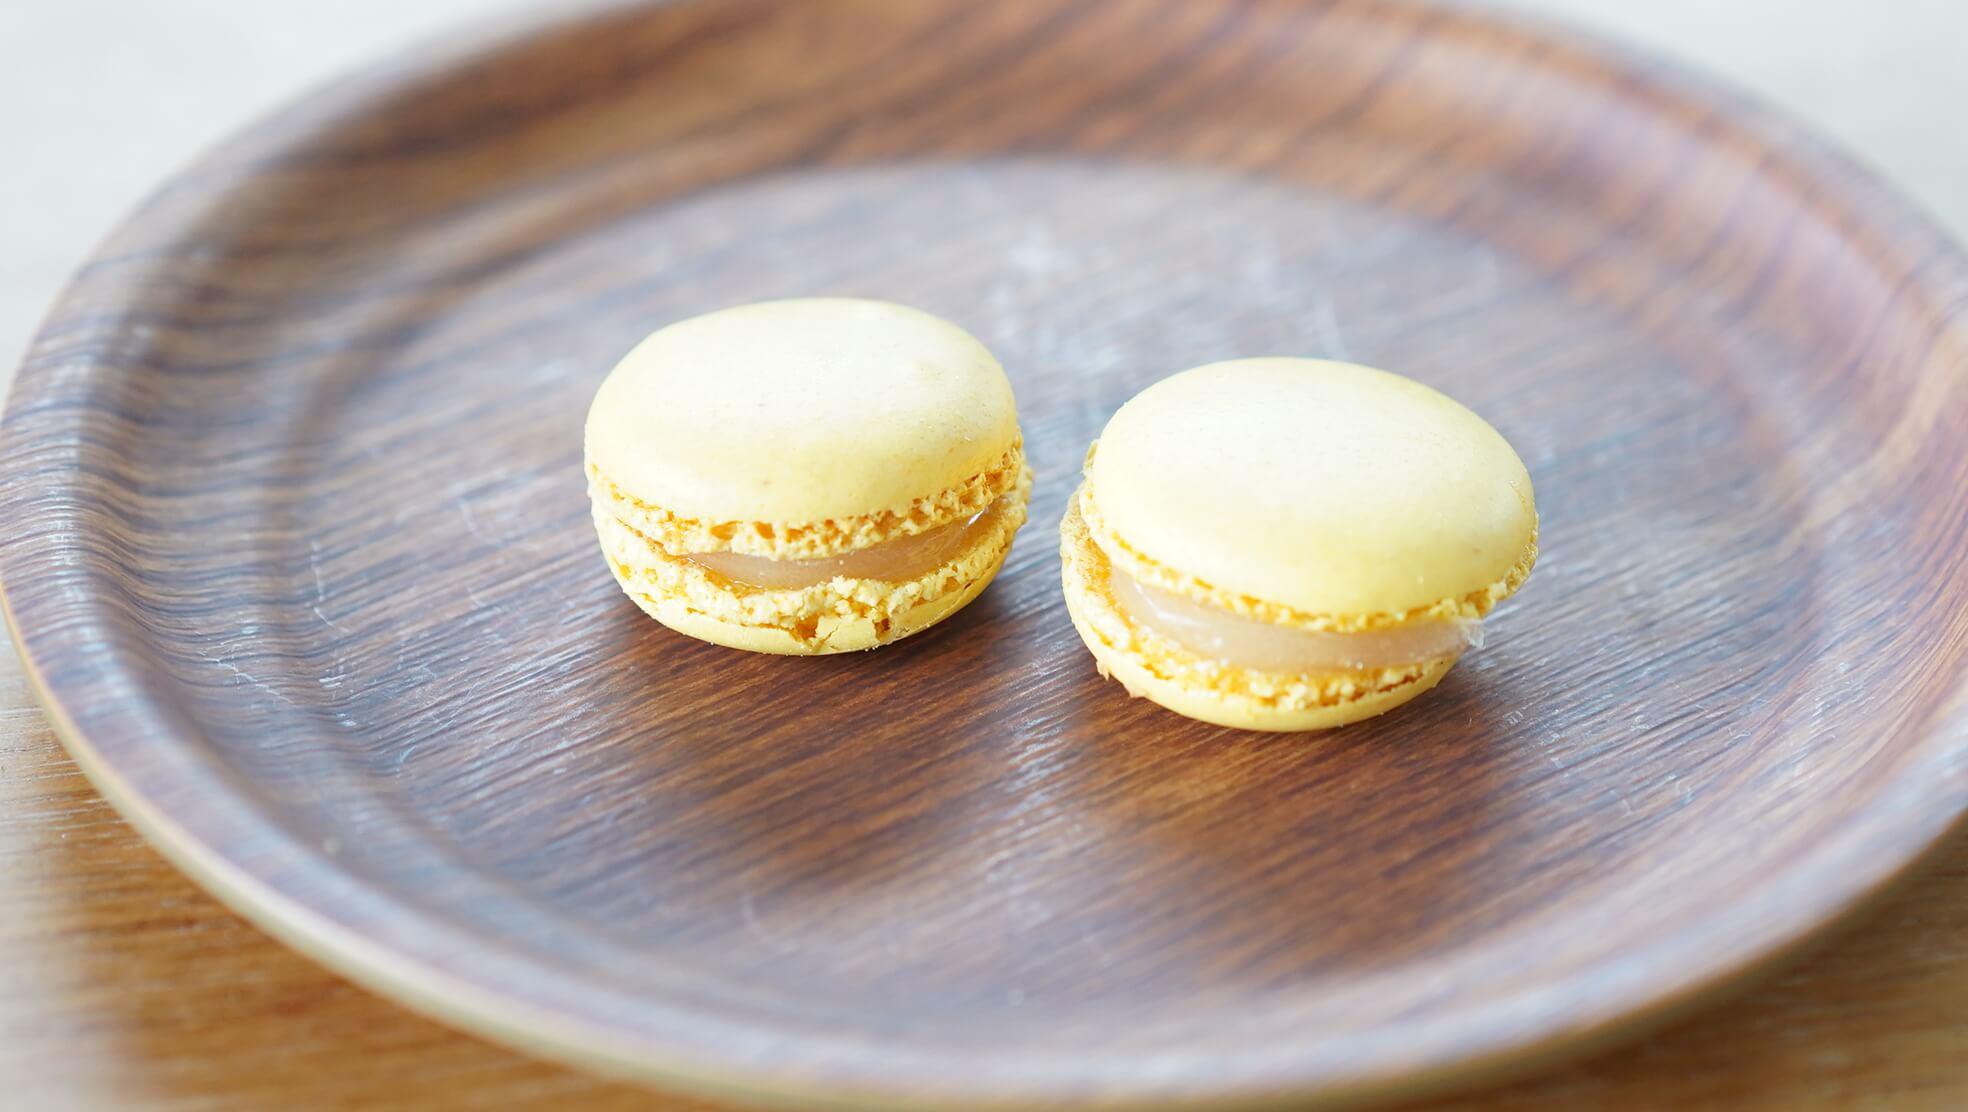 コストコの冷凍食品「マカロン」のレモン味を皿に盛りつけた写真